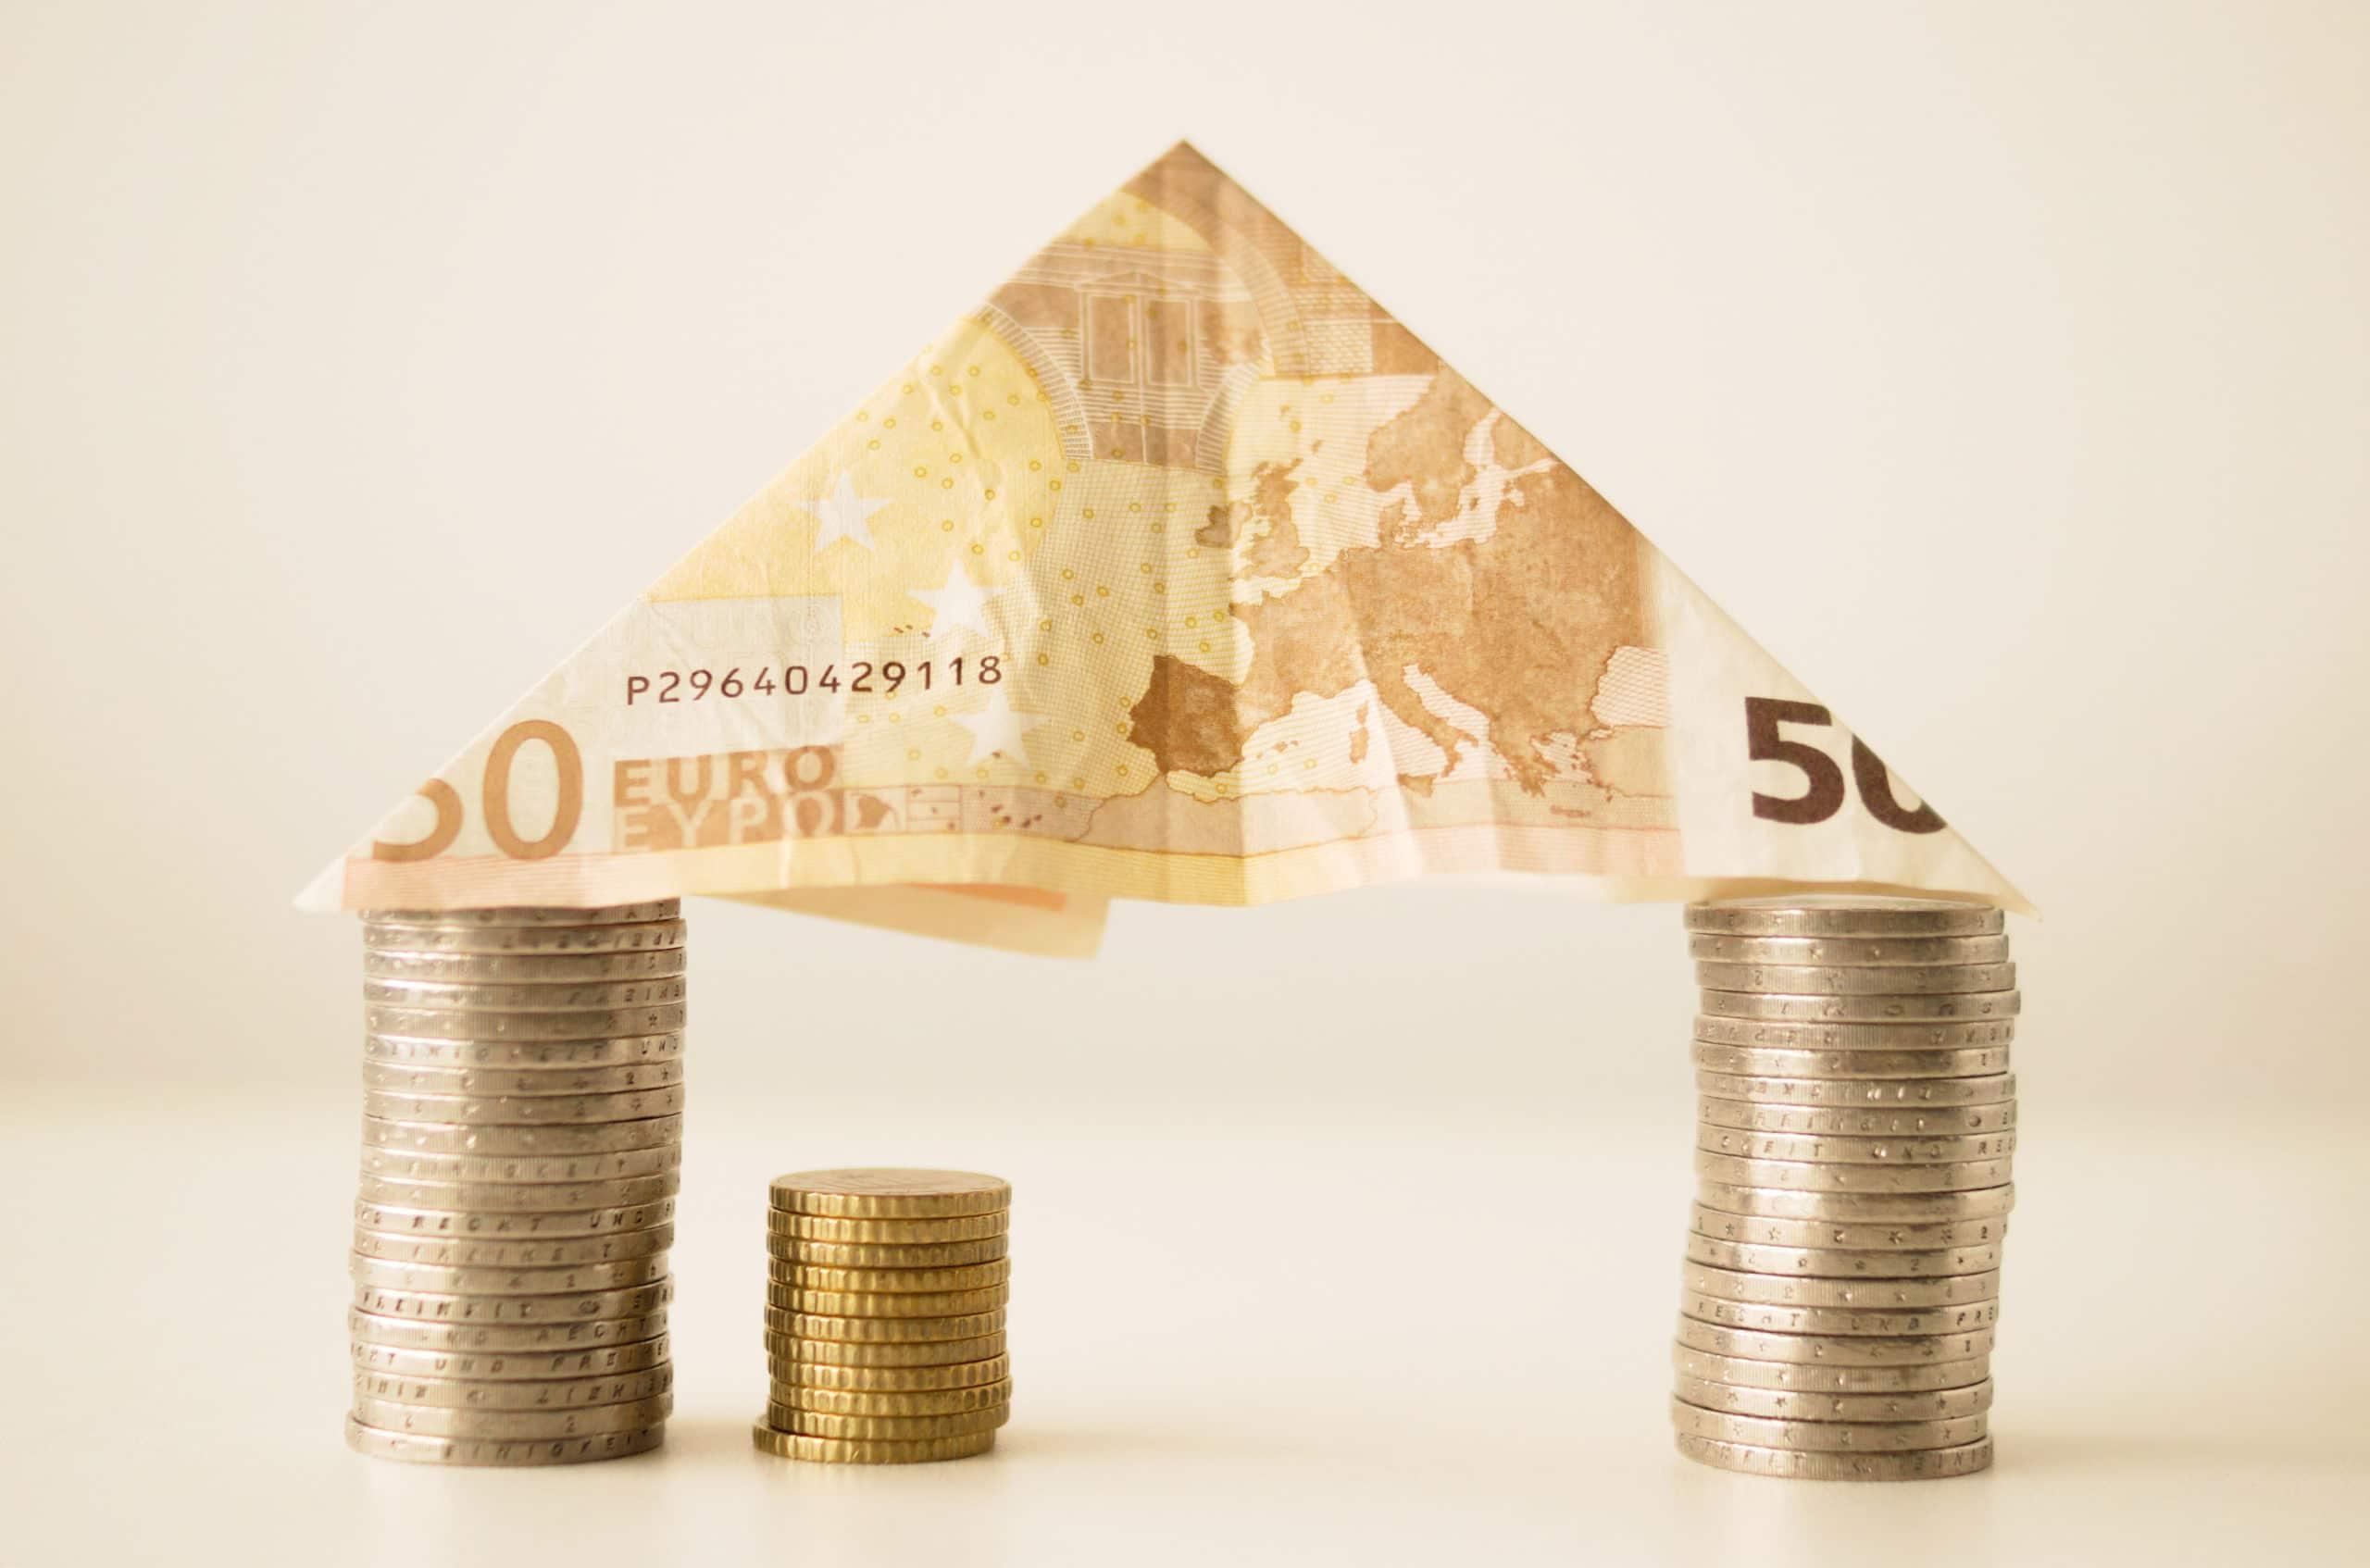 Kaksi kolikkopinoa, joiden päällä kolmioksi taiteltu viidenkymmenen euron seteli.